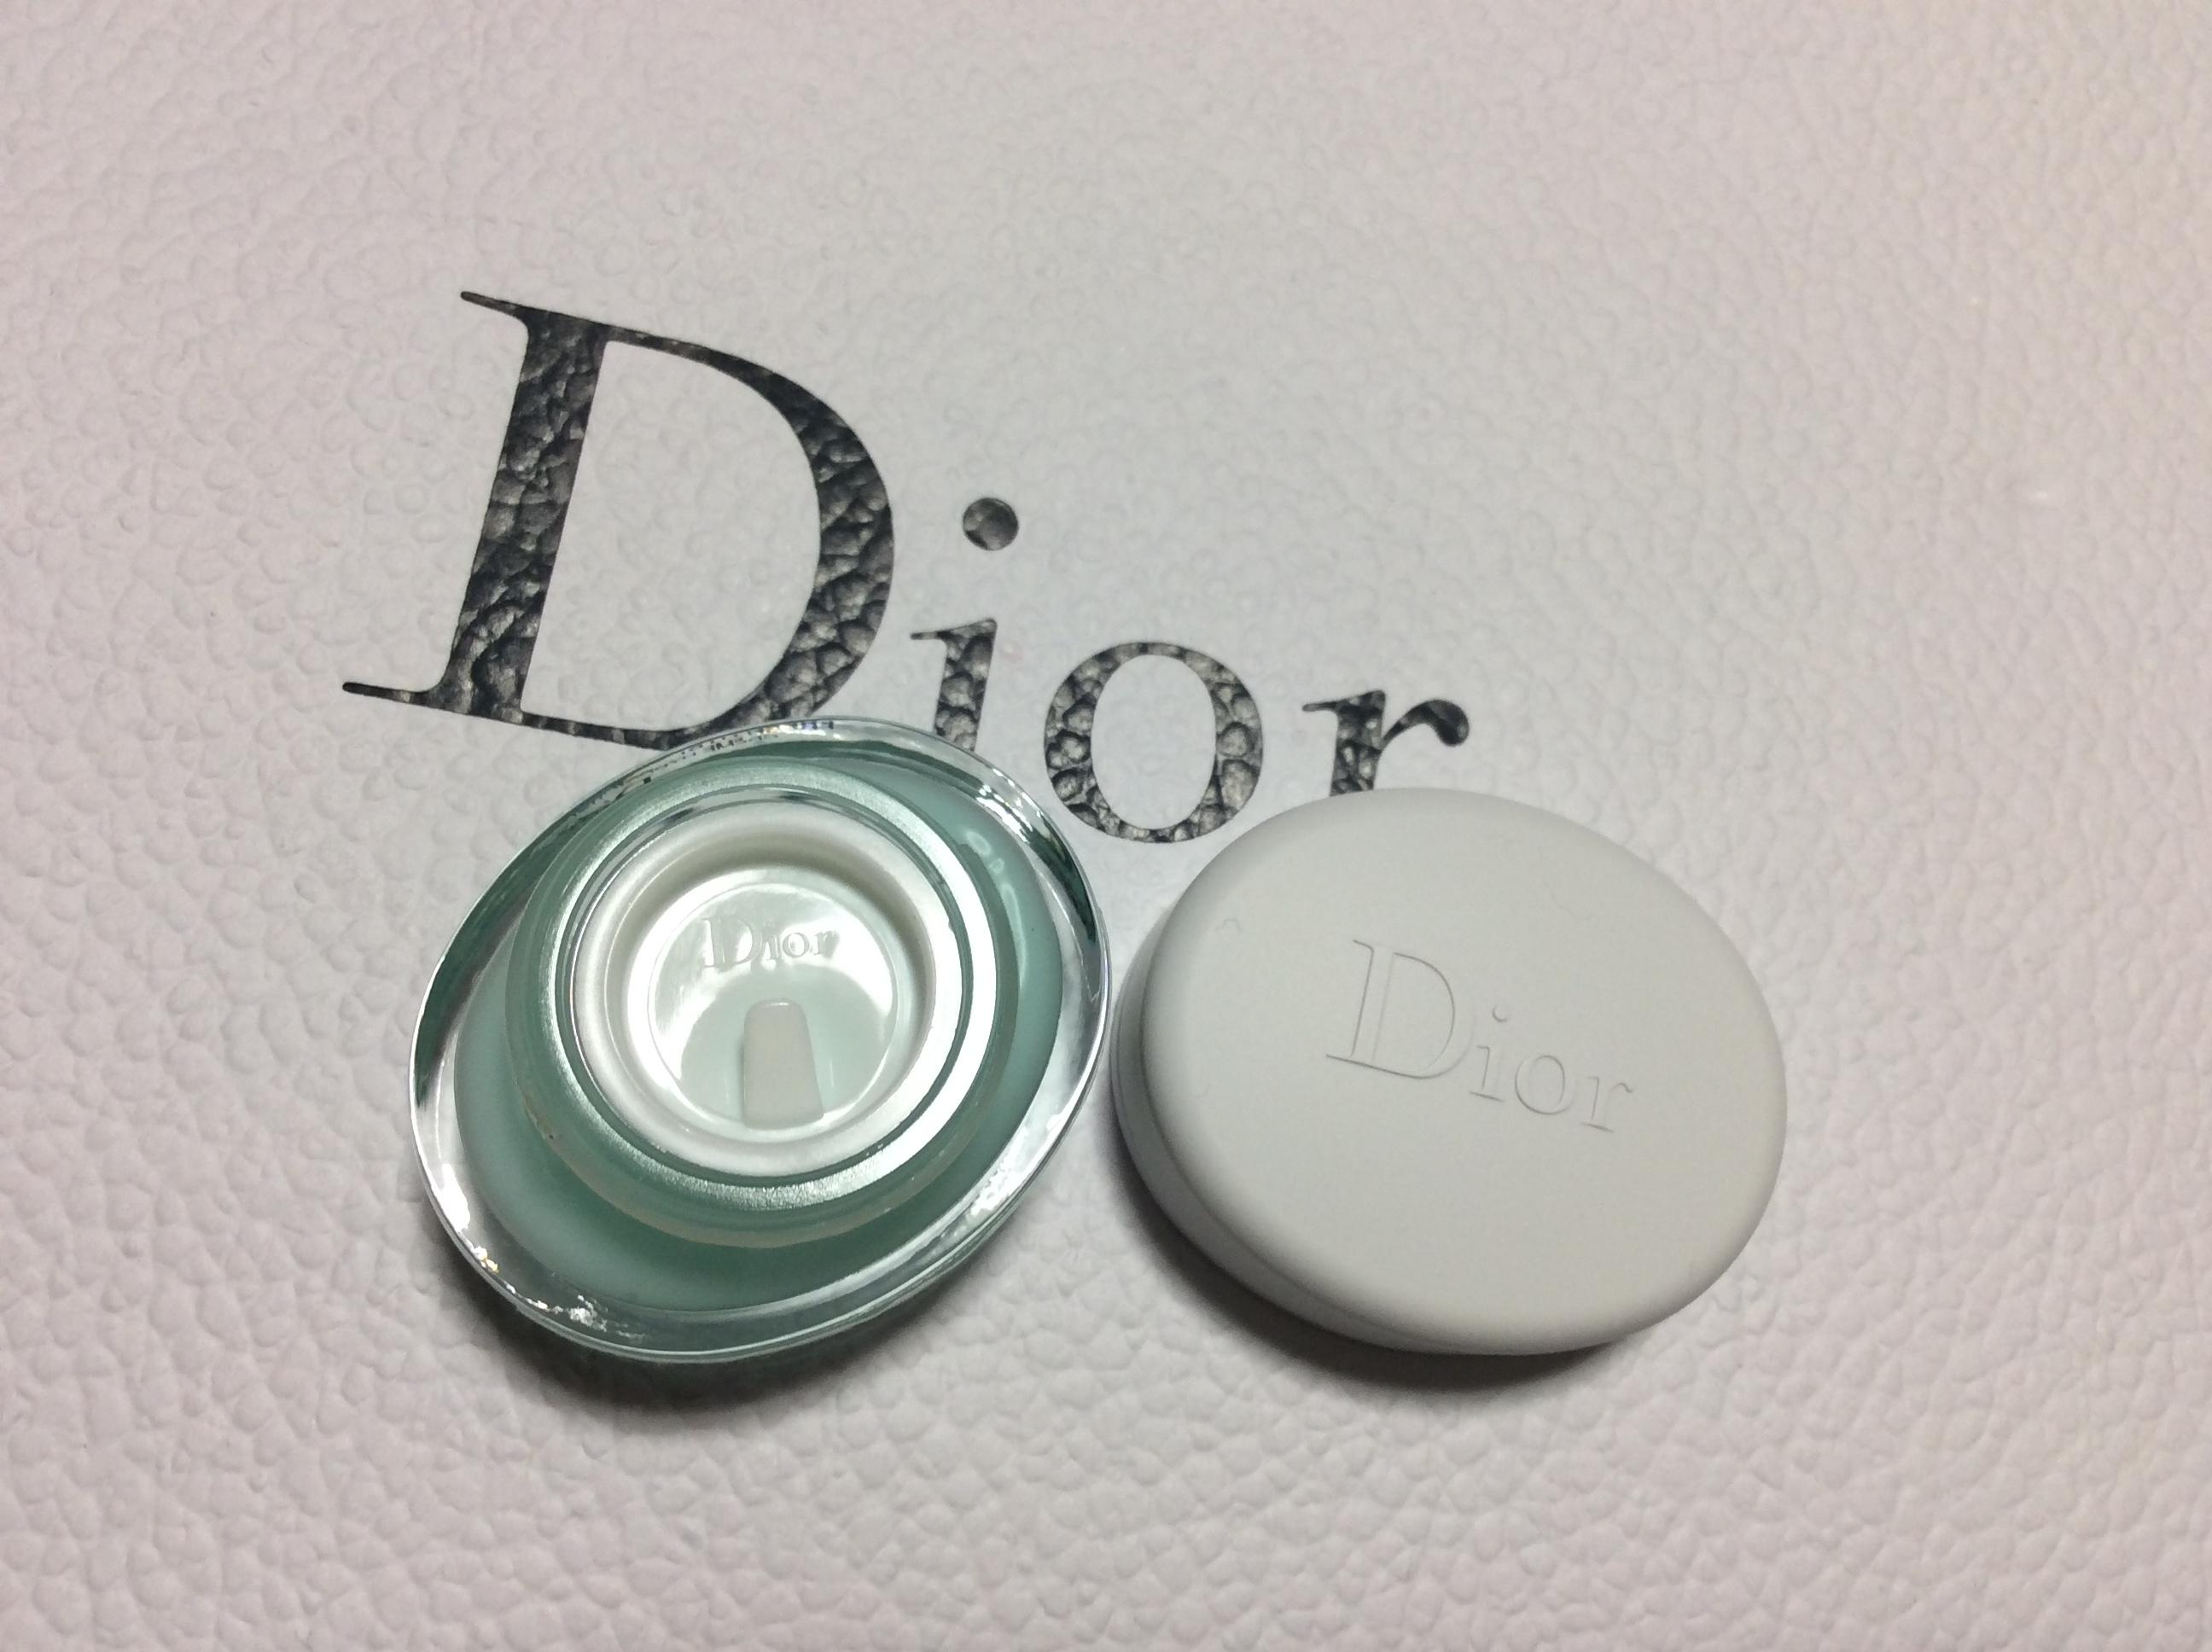 Dior ライフソルベ 15ml